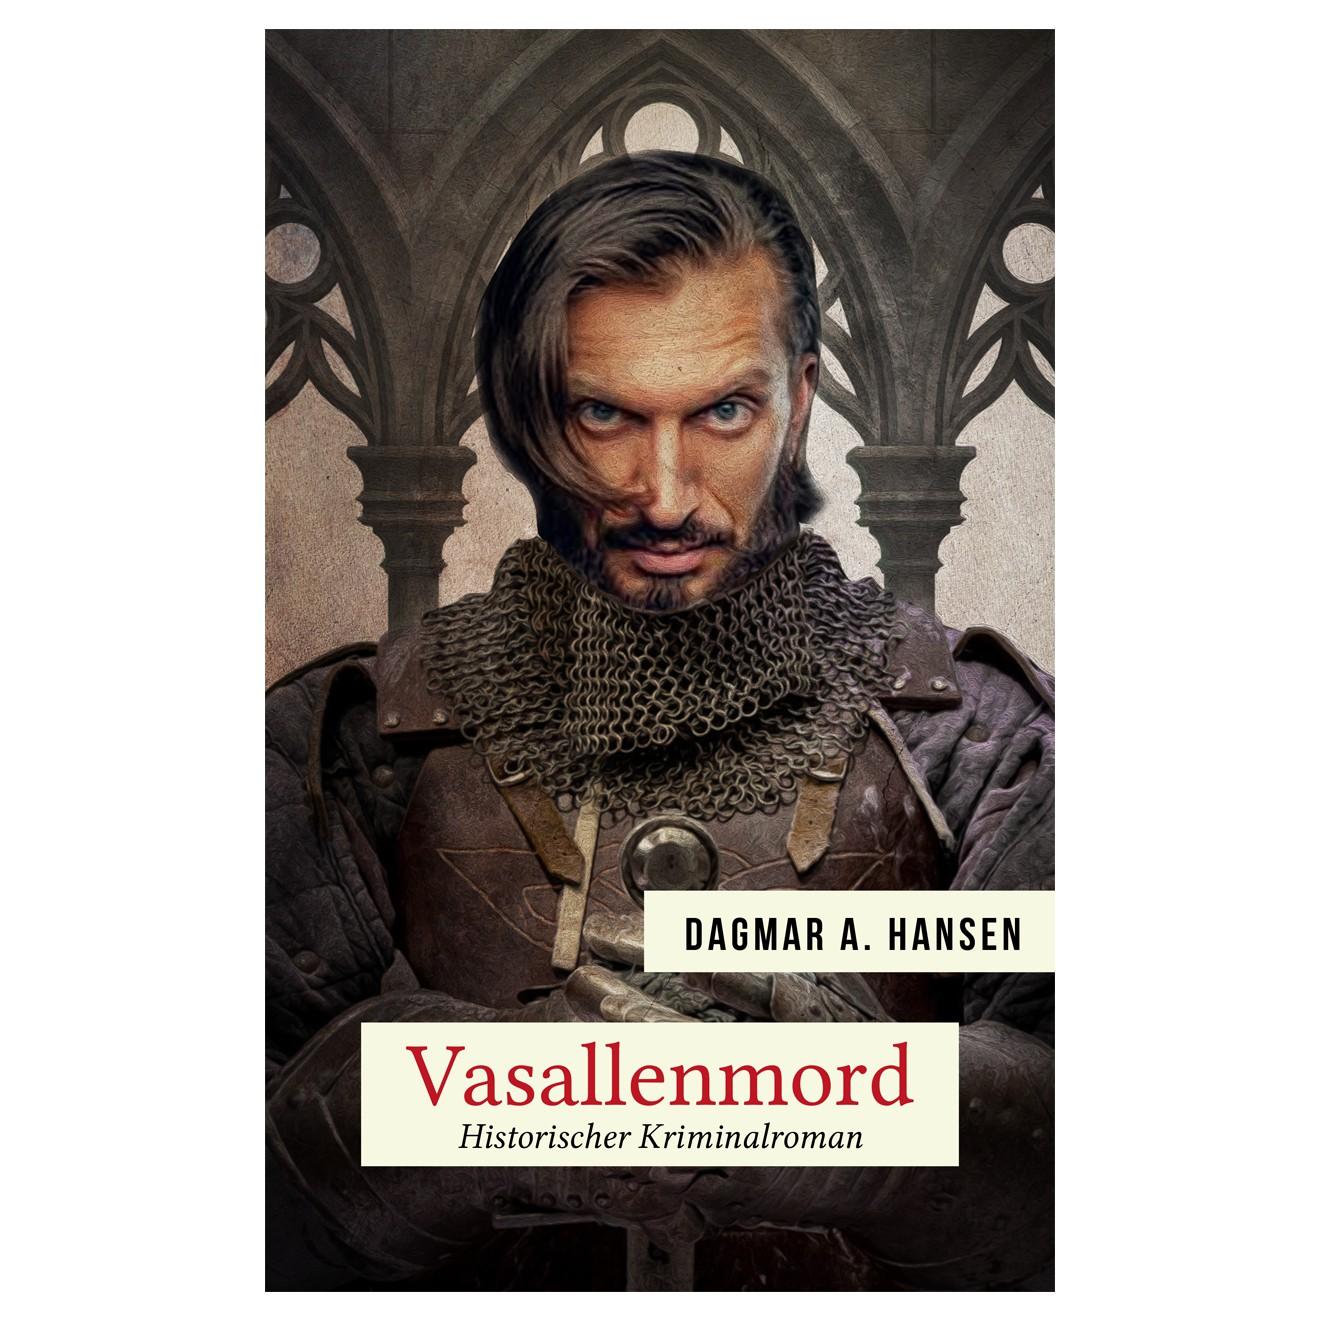 eBook -Cover für einen spannenden Mittelalterroman gesucht!